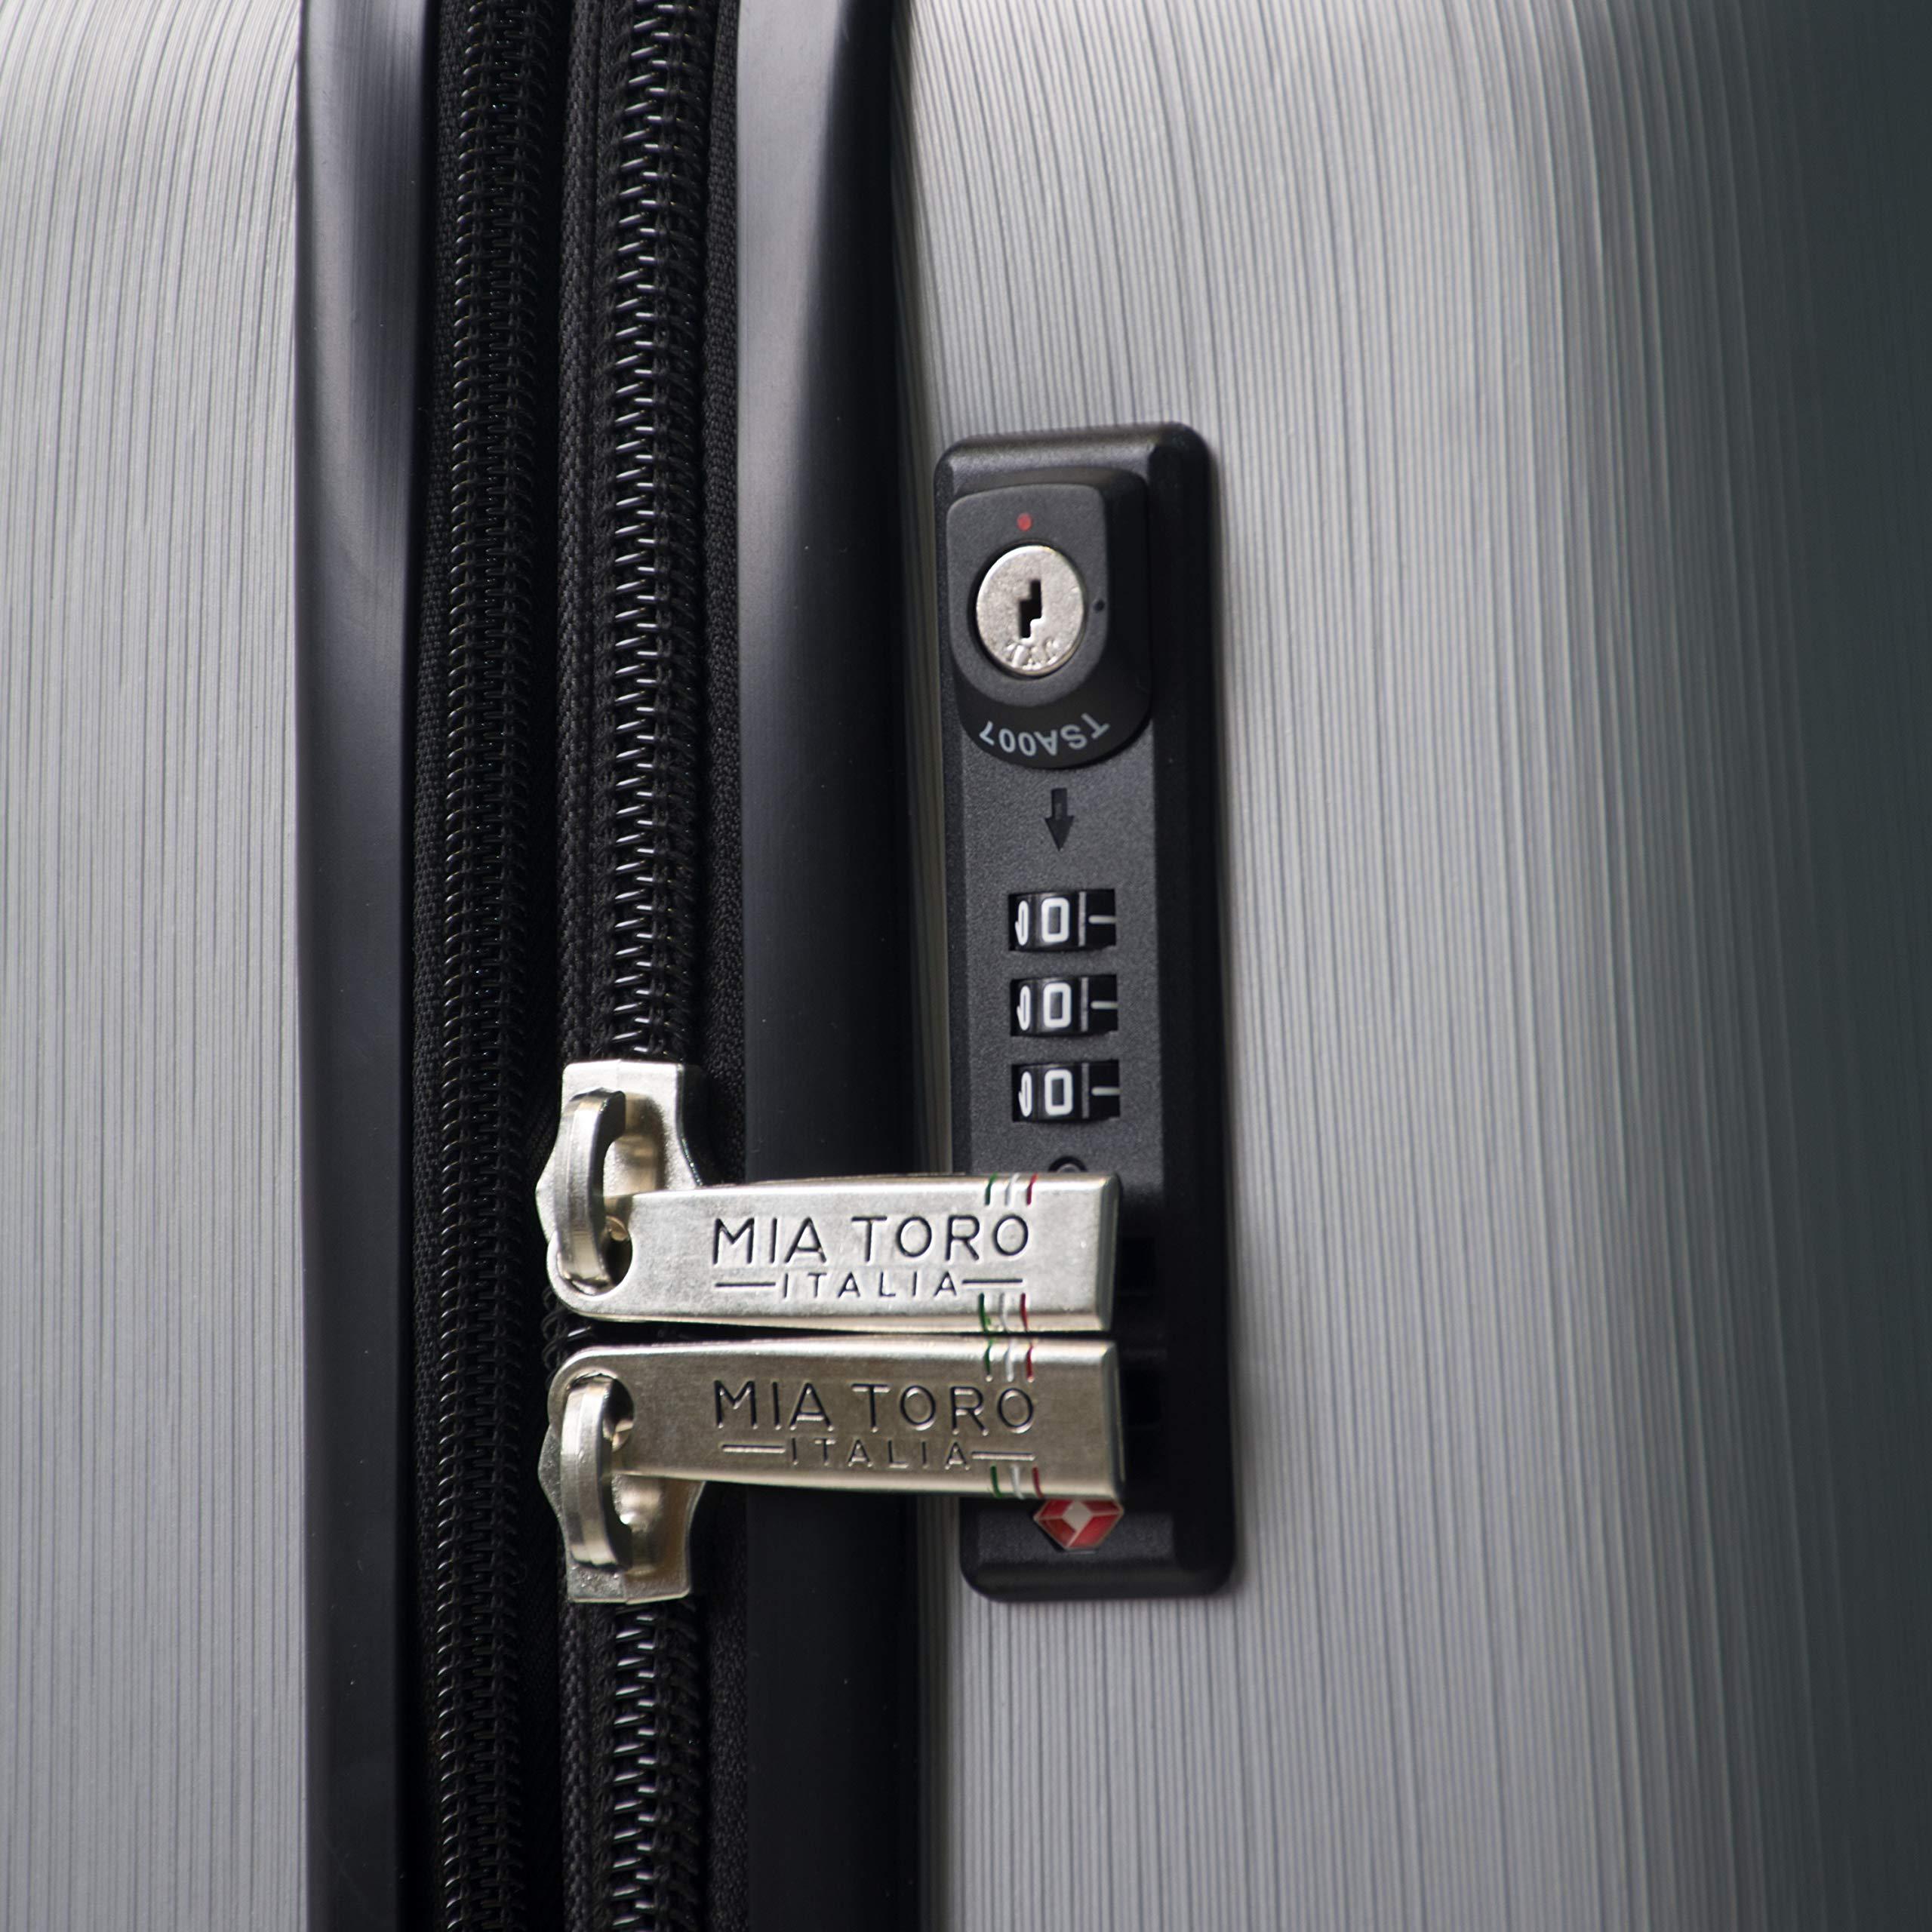 Mia Toro Italy Accera Hardside Spinner Carry-on,Aluminum by Mia Toro (Image #5)